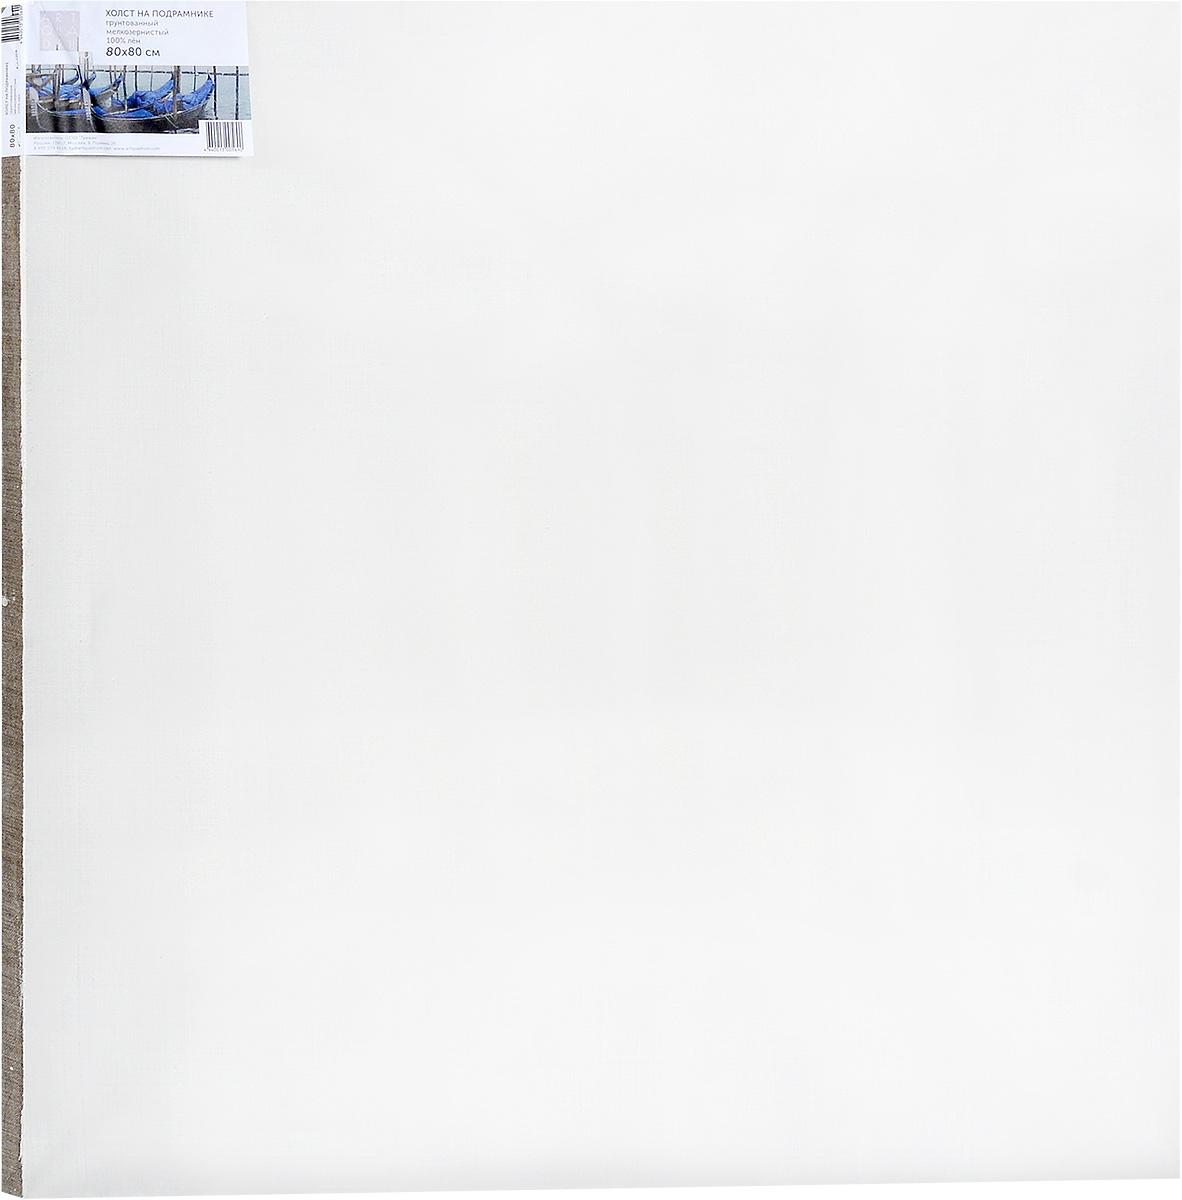 Холст ArtQuaDram Мелкозернистый на подрамнике, грунтованный, 80 х 80 см00-00001835Холст на деревянном подрамнике ArtQuaDram Мелкозернистый изготовлен из 100% натурального льна. Подходит для профессионалов и художников. Холст не трескается, не впитывает слишком много краски, цвет краски и качество не изменяются. Холст идеально подходит для масляной и акриловой живописи.